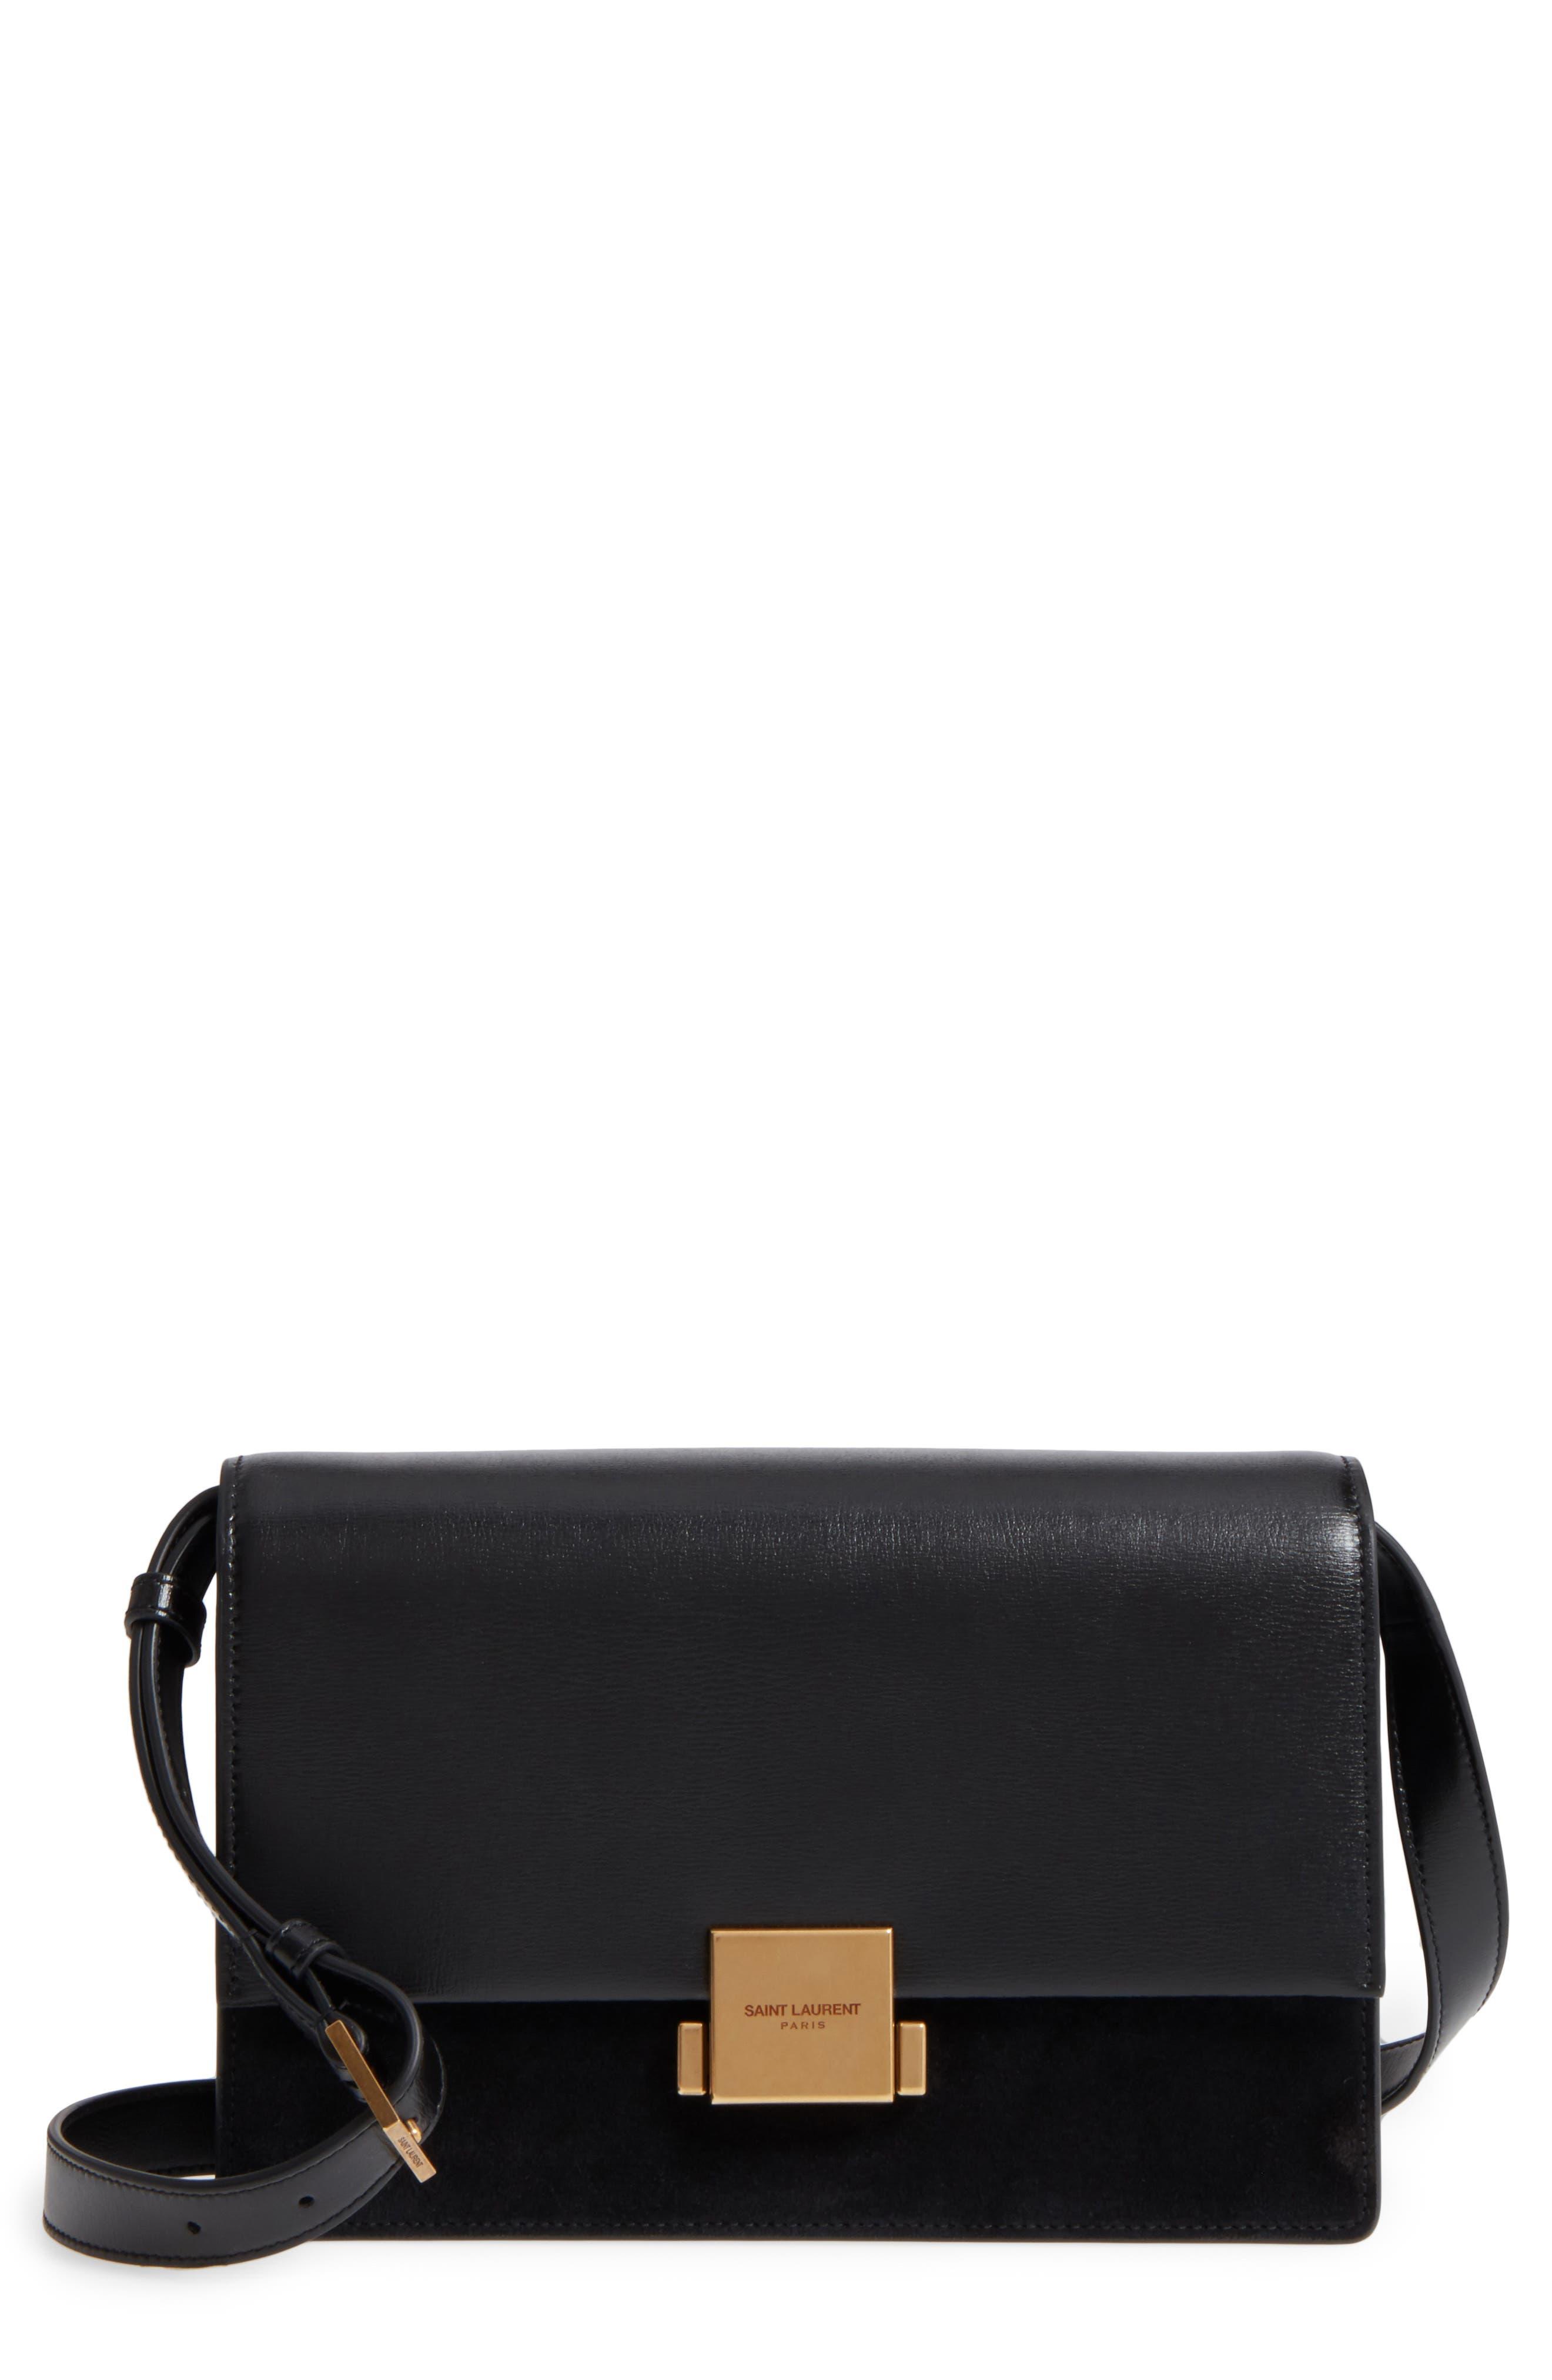 Medium Bellechasse Suede & Leather Shoulder Bag,                         Main,                         color, NOIR